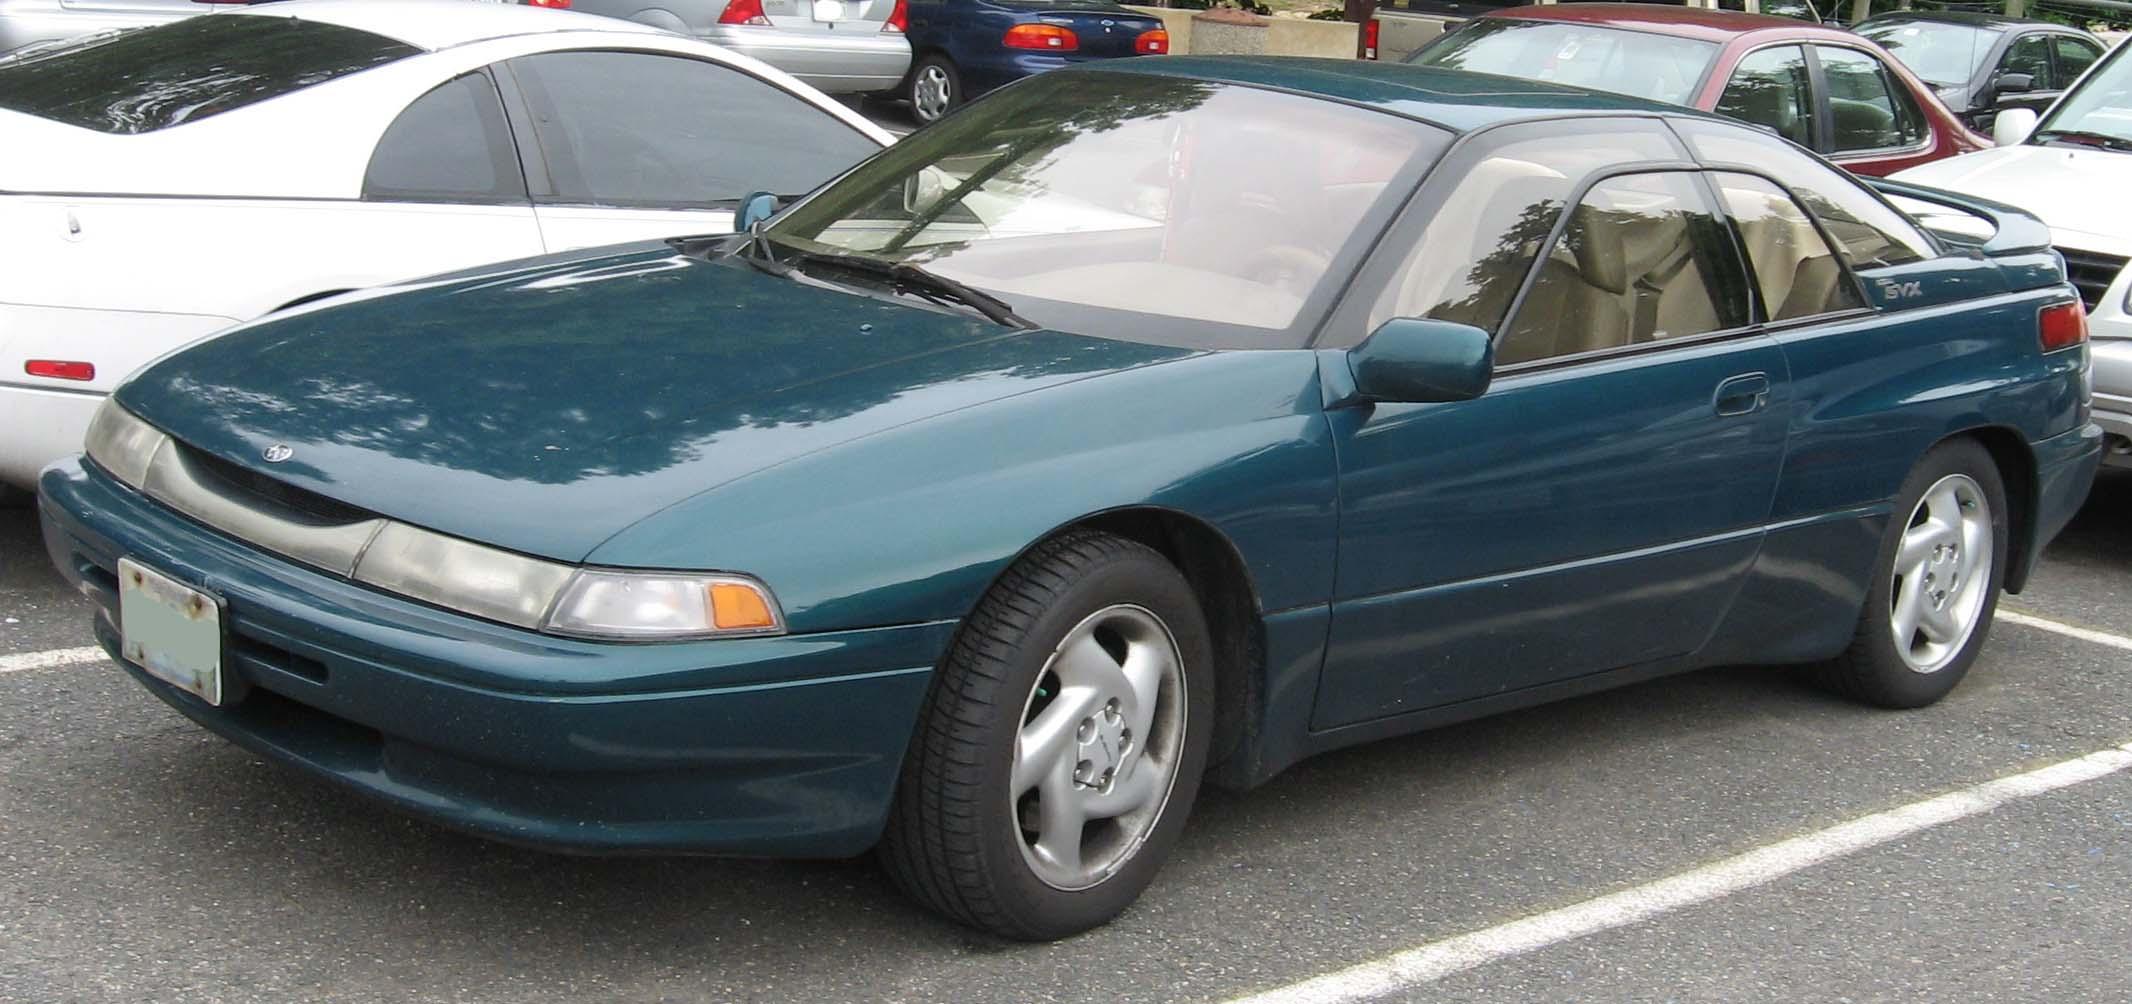 Suzuki Svx